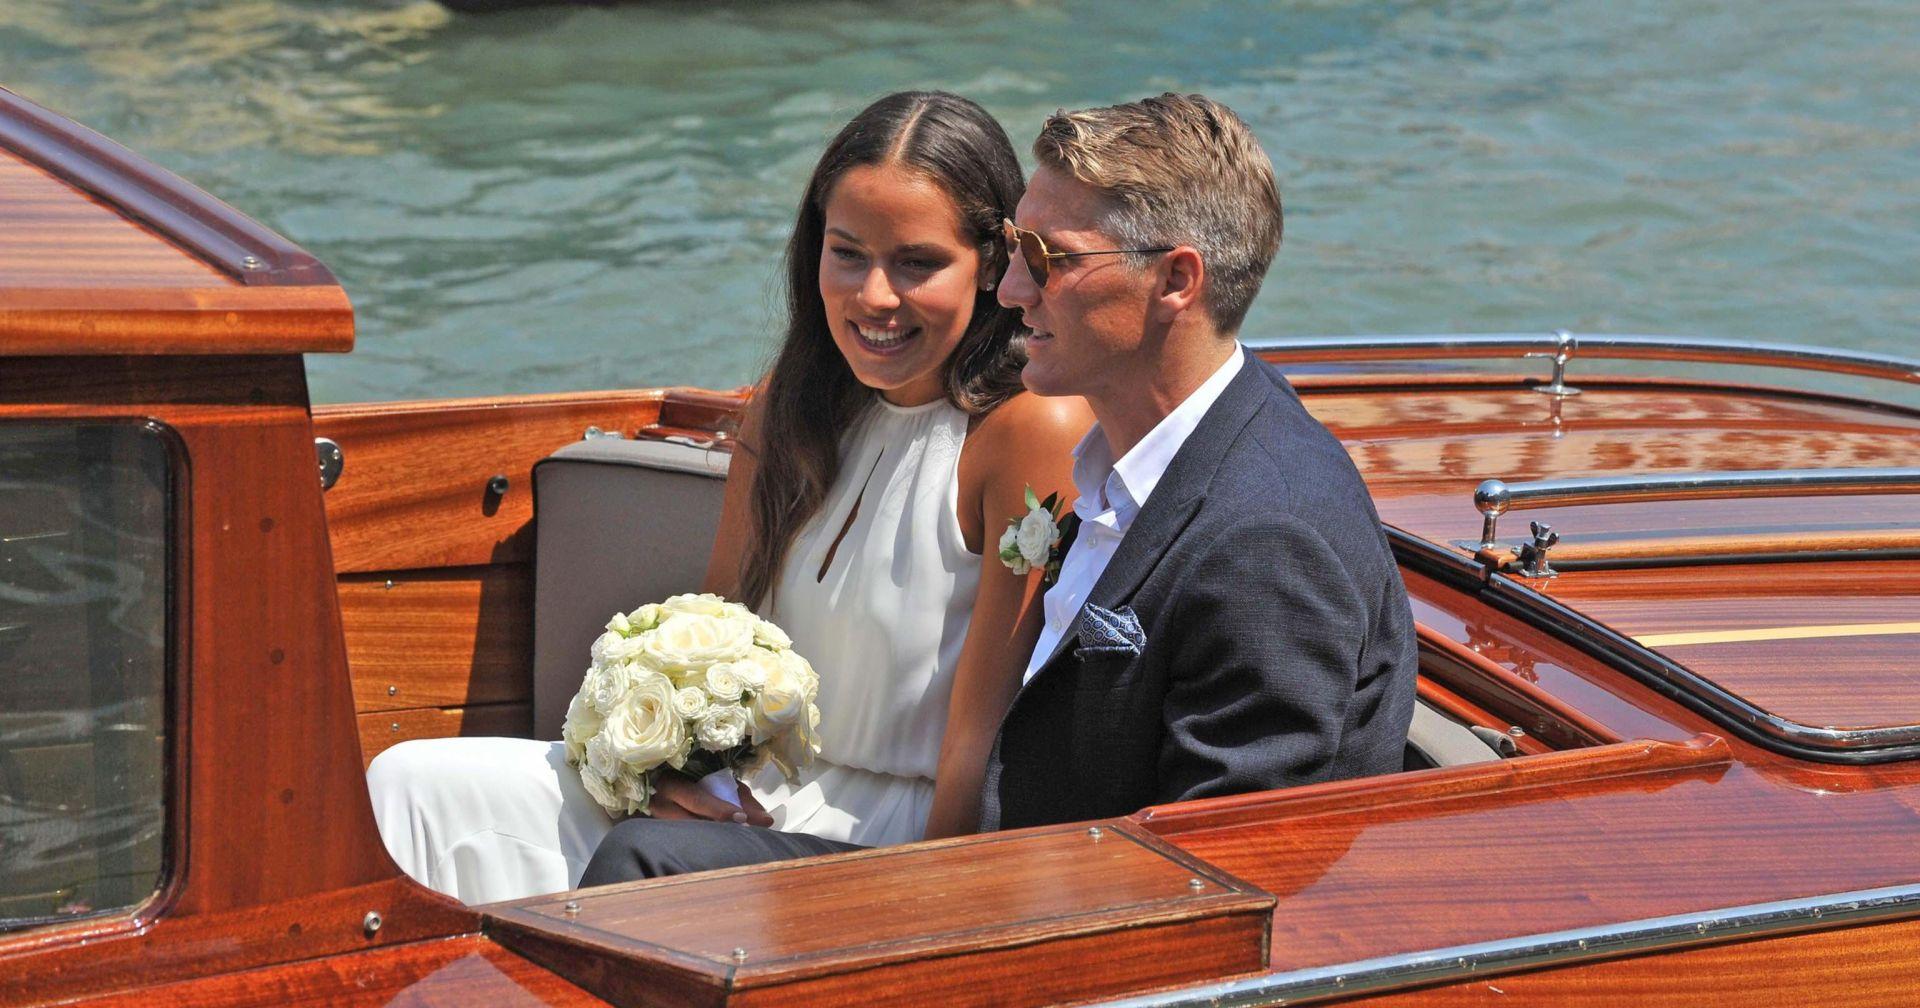 FOTO: SPORTSKO VJENČANJE GODINE Nina Badrić pjevala na svadbi Schweinsteigera i Ivanović